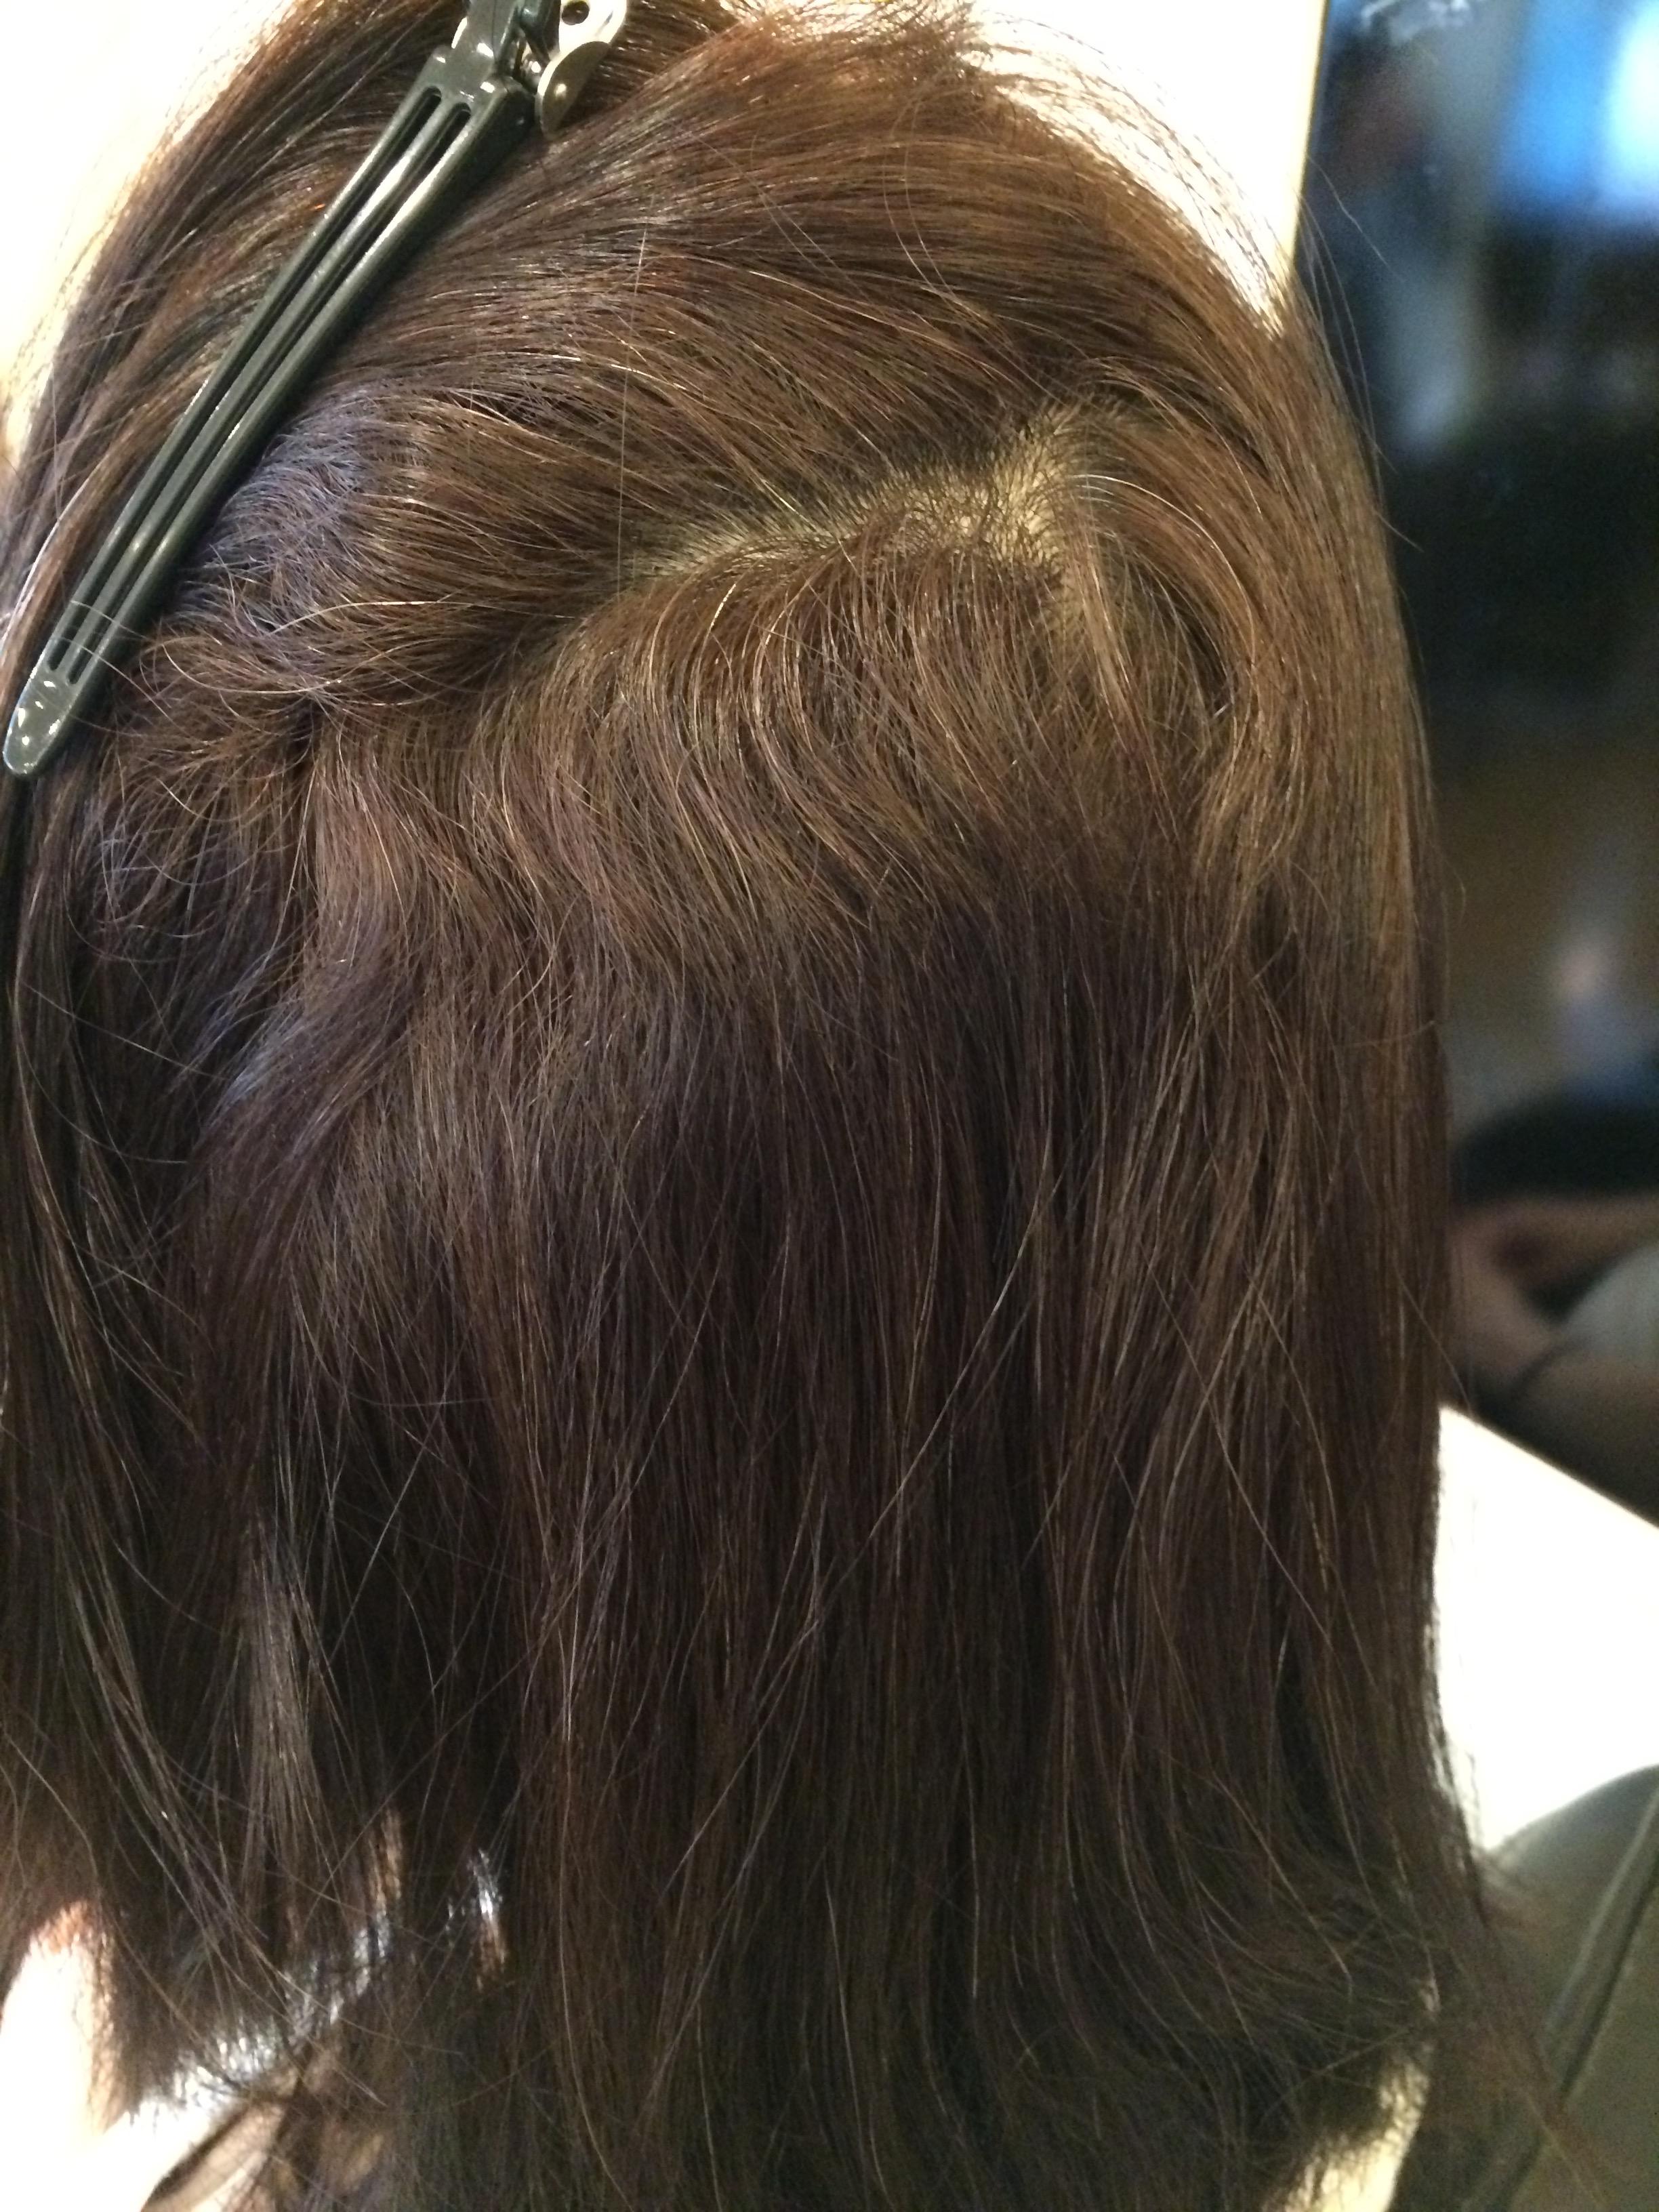 髪の毛 プロテイン プロテインは髪の毛の育毛に効果的?実際に太くなり増えた体験談も!